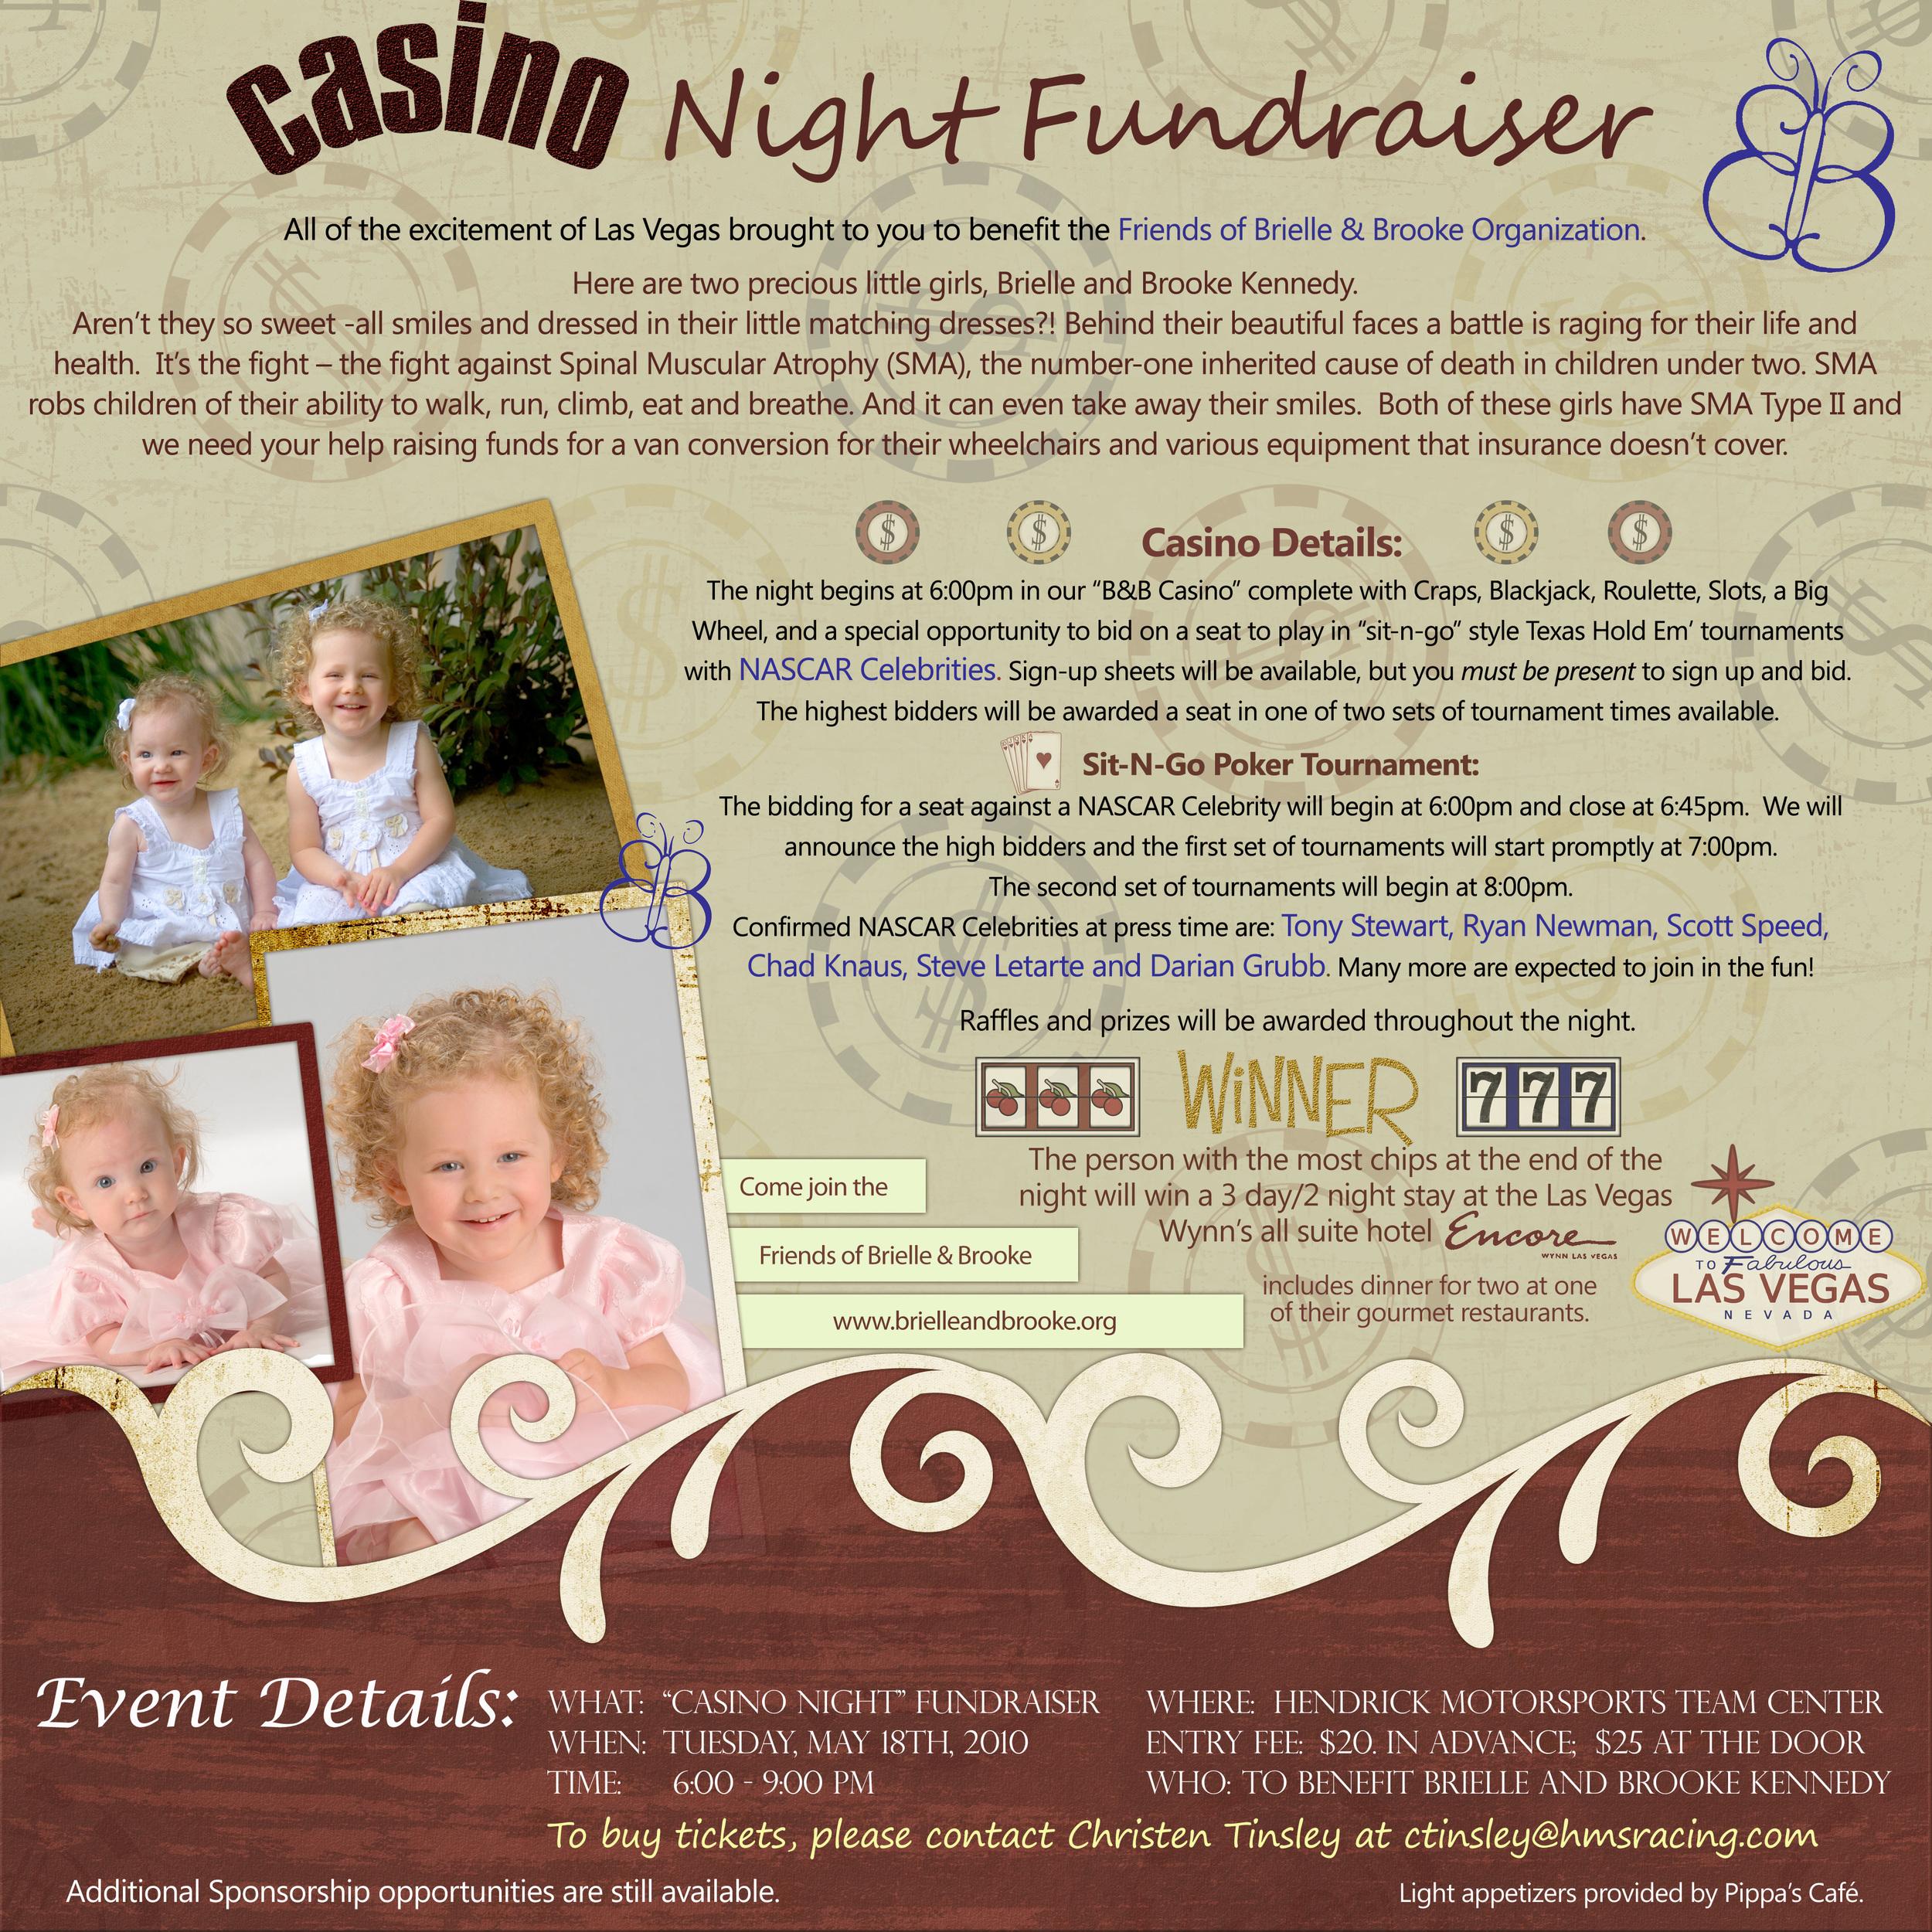 Casino night flyer 5-18-10.jpg